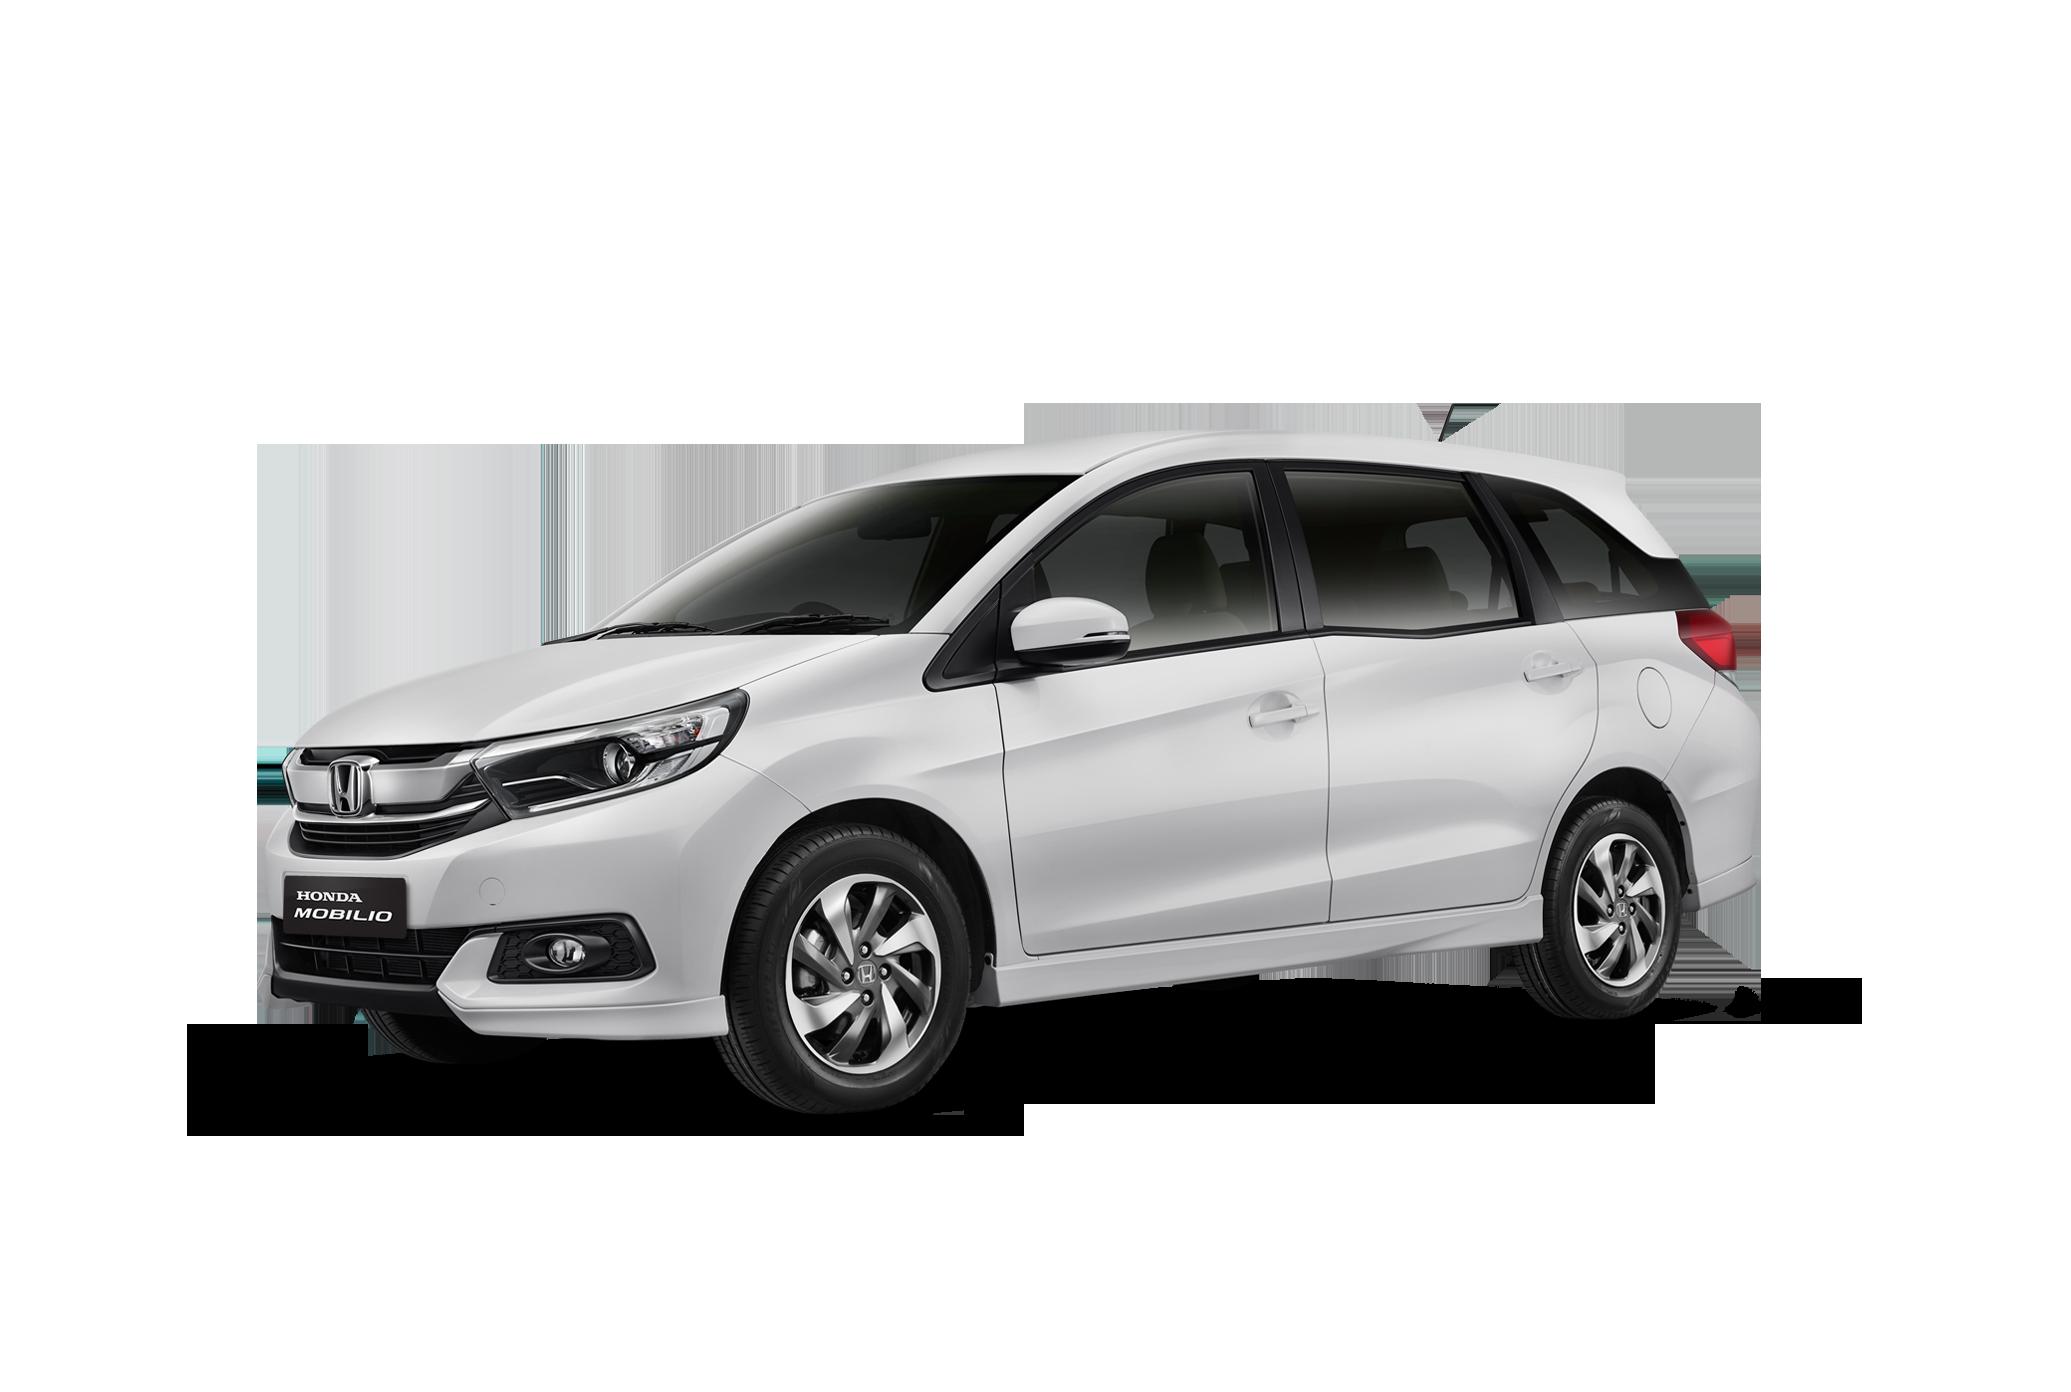 New-Honda-Mobilio-Type-E